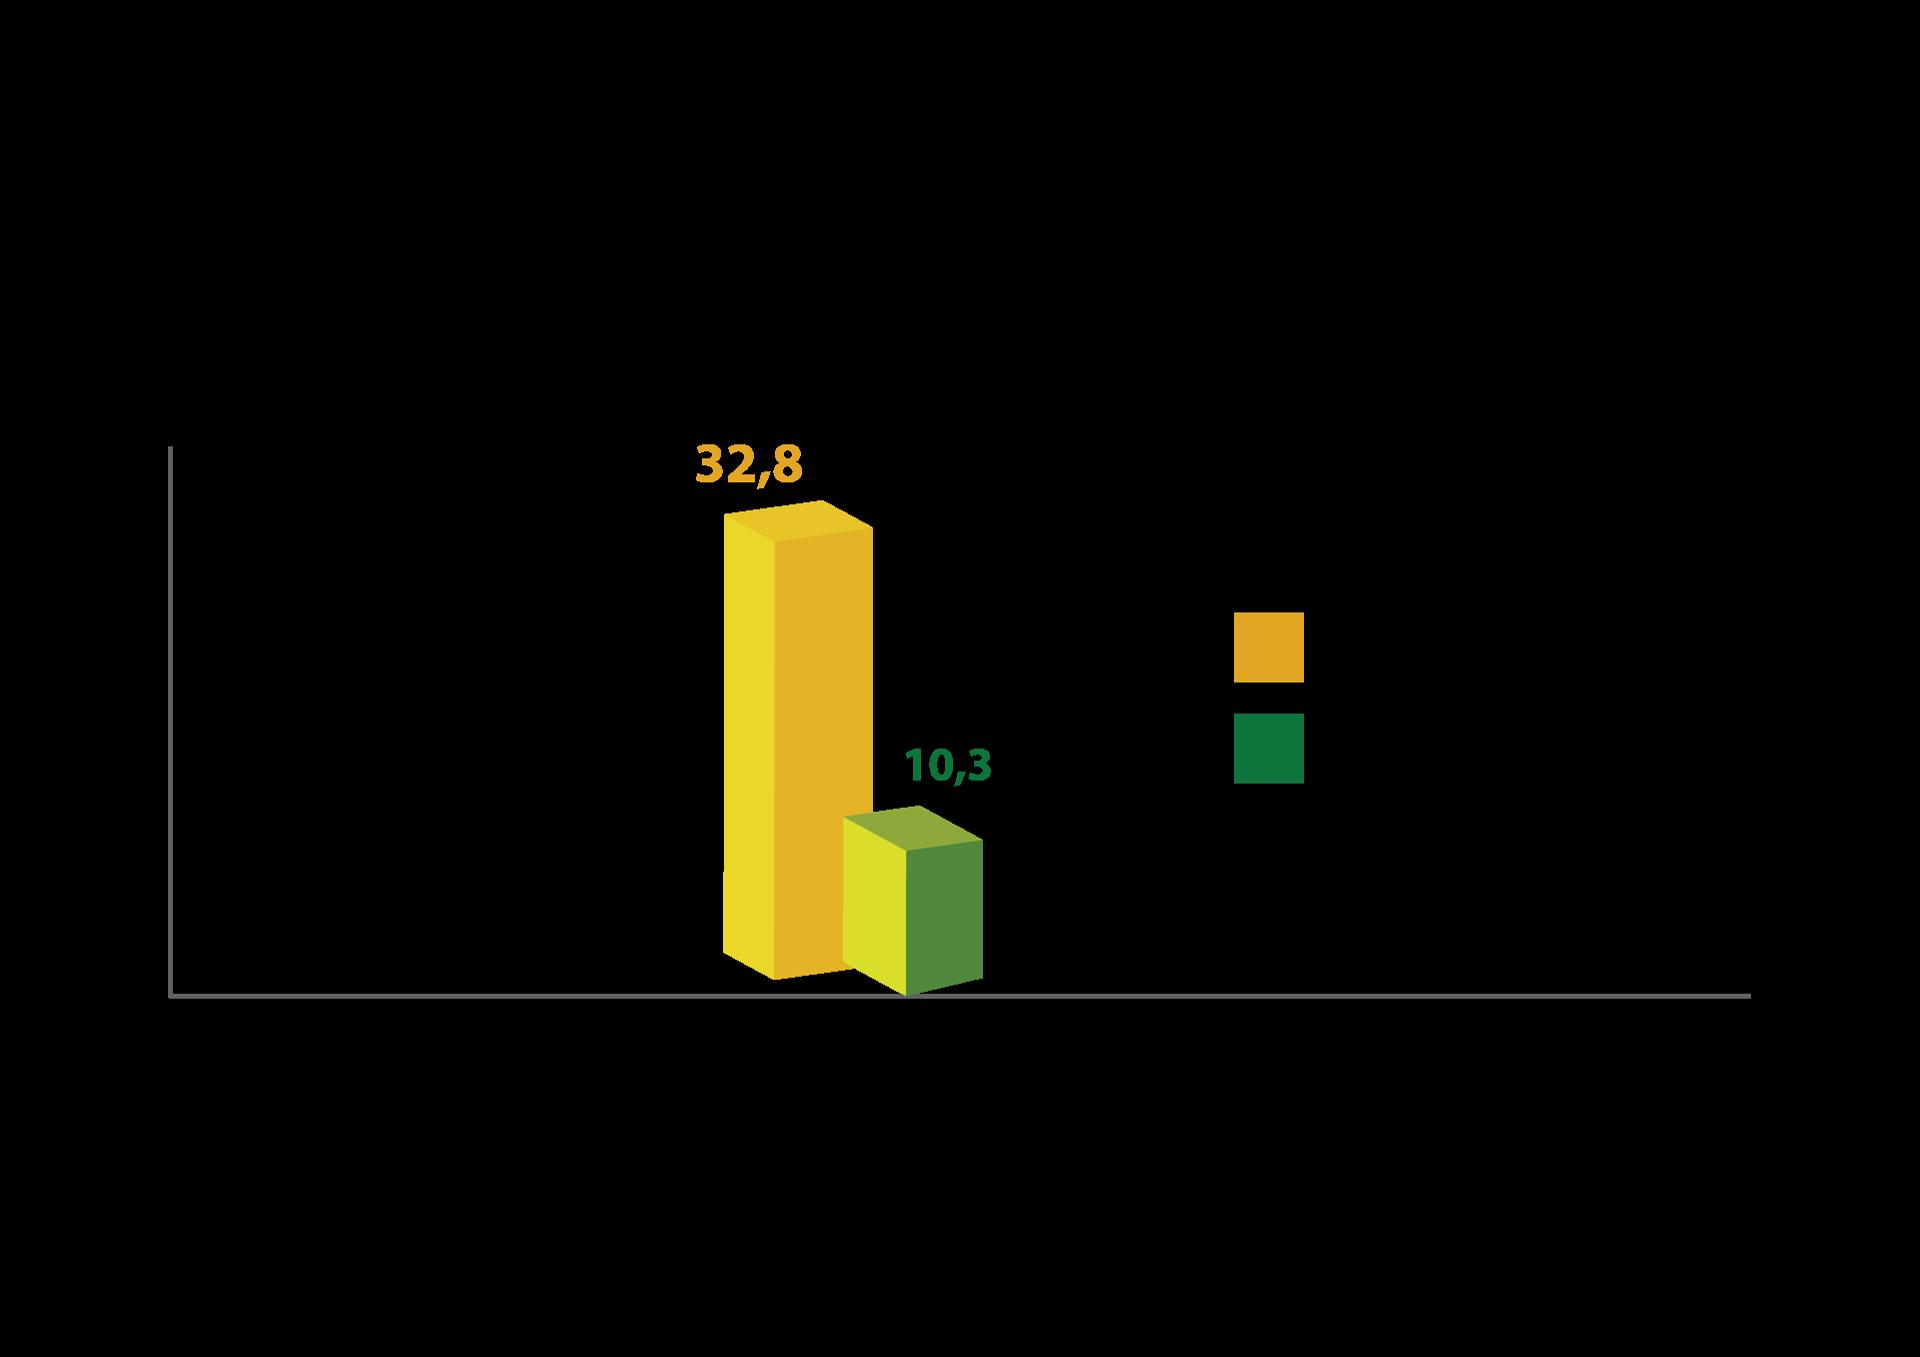 Bảng kết quả: Tỉ lệ trẻ bị táo bón trong 12 tuần can thiệp.